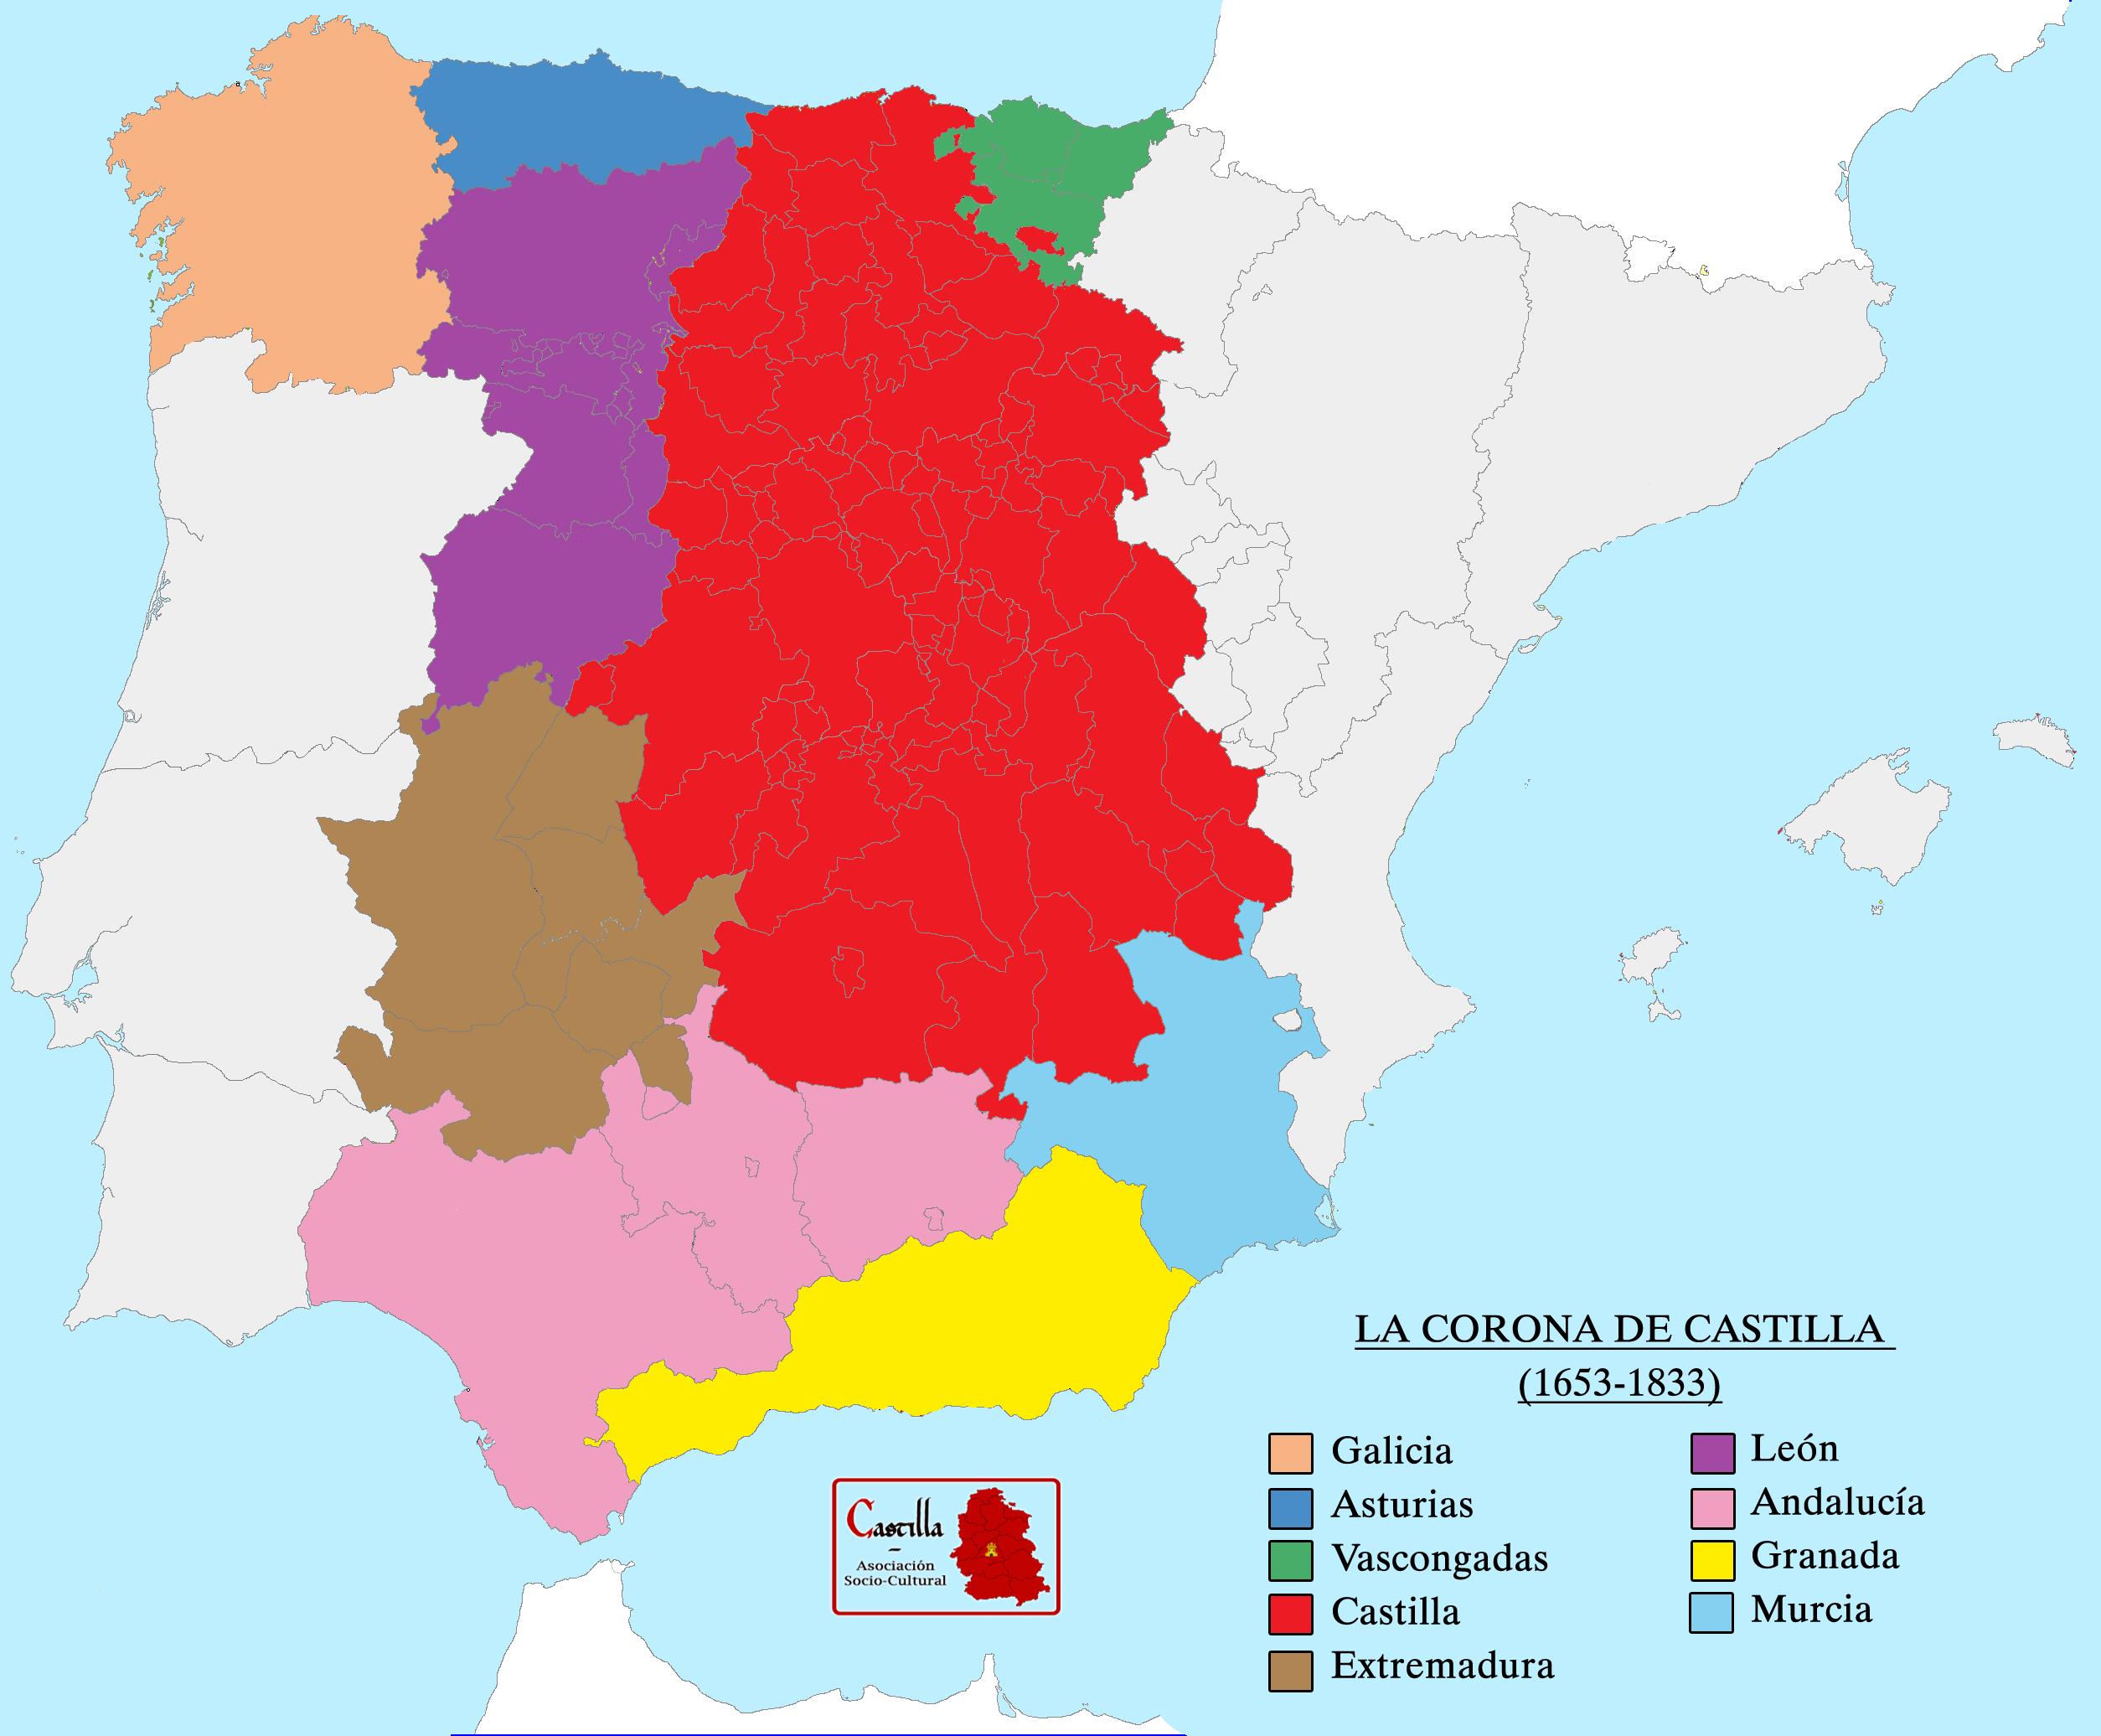 La Corona de Castilla despus de 1653 ao de la formacin de